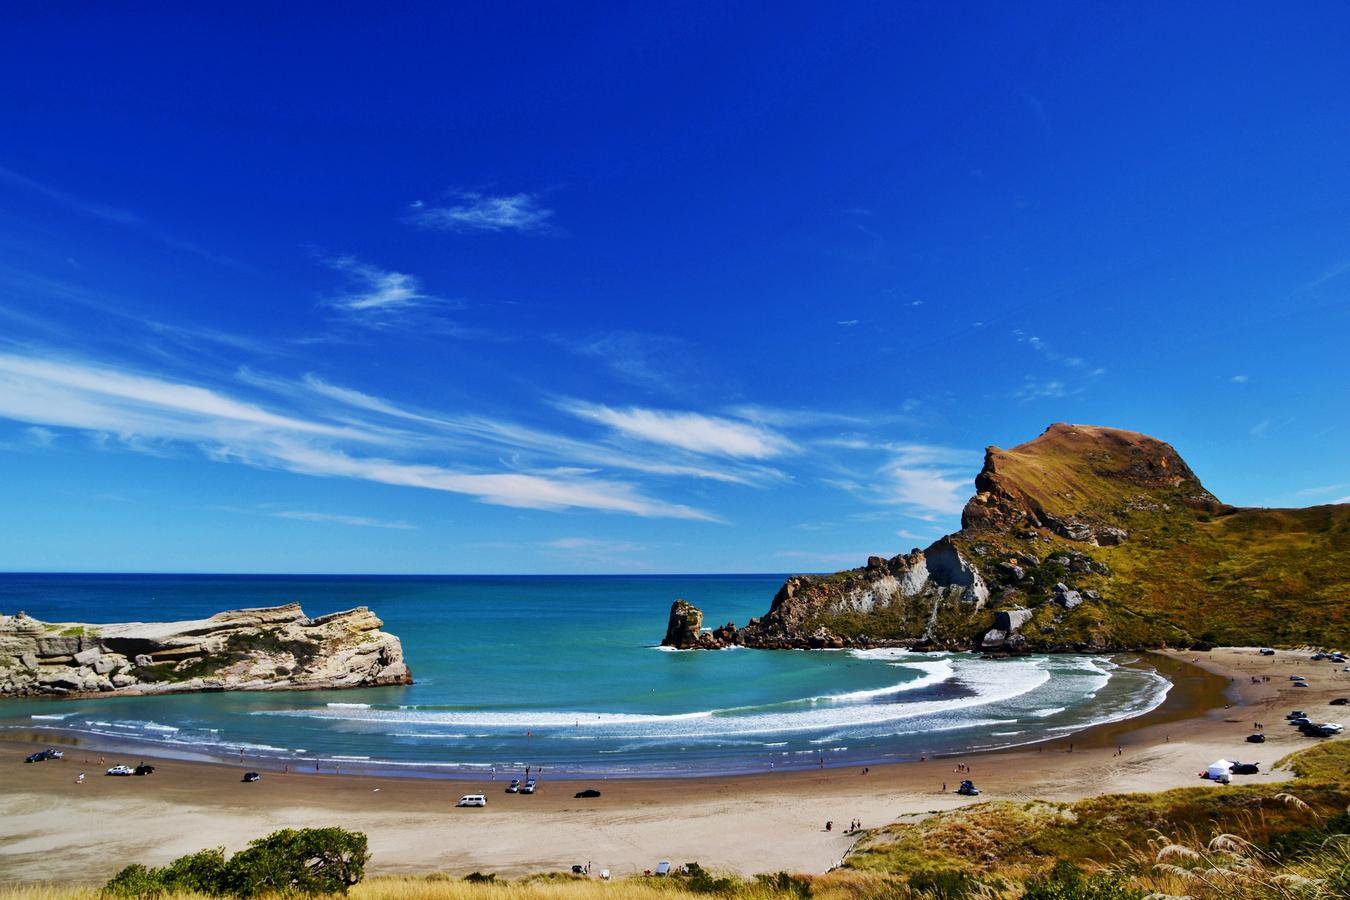 Castlepoint beach